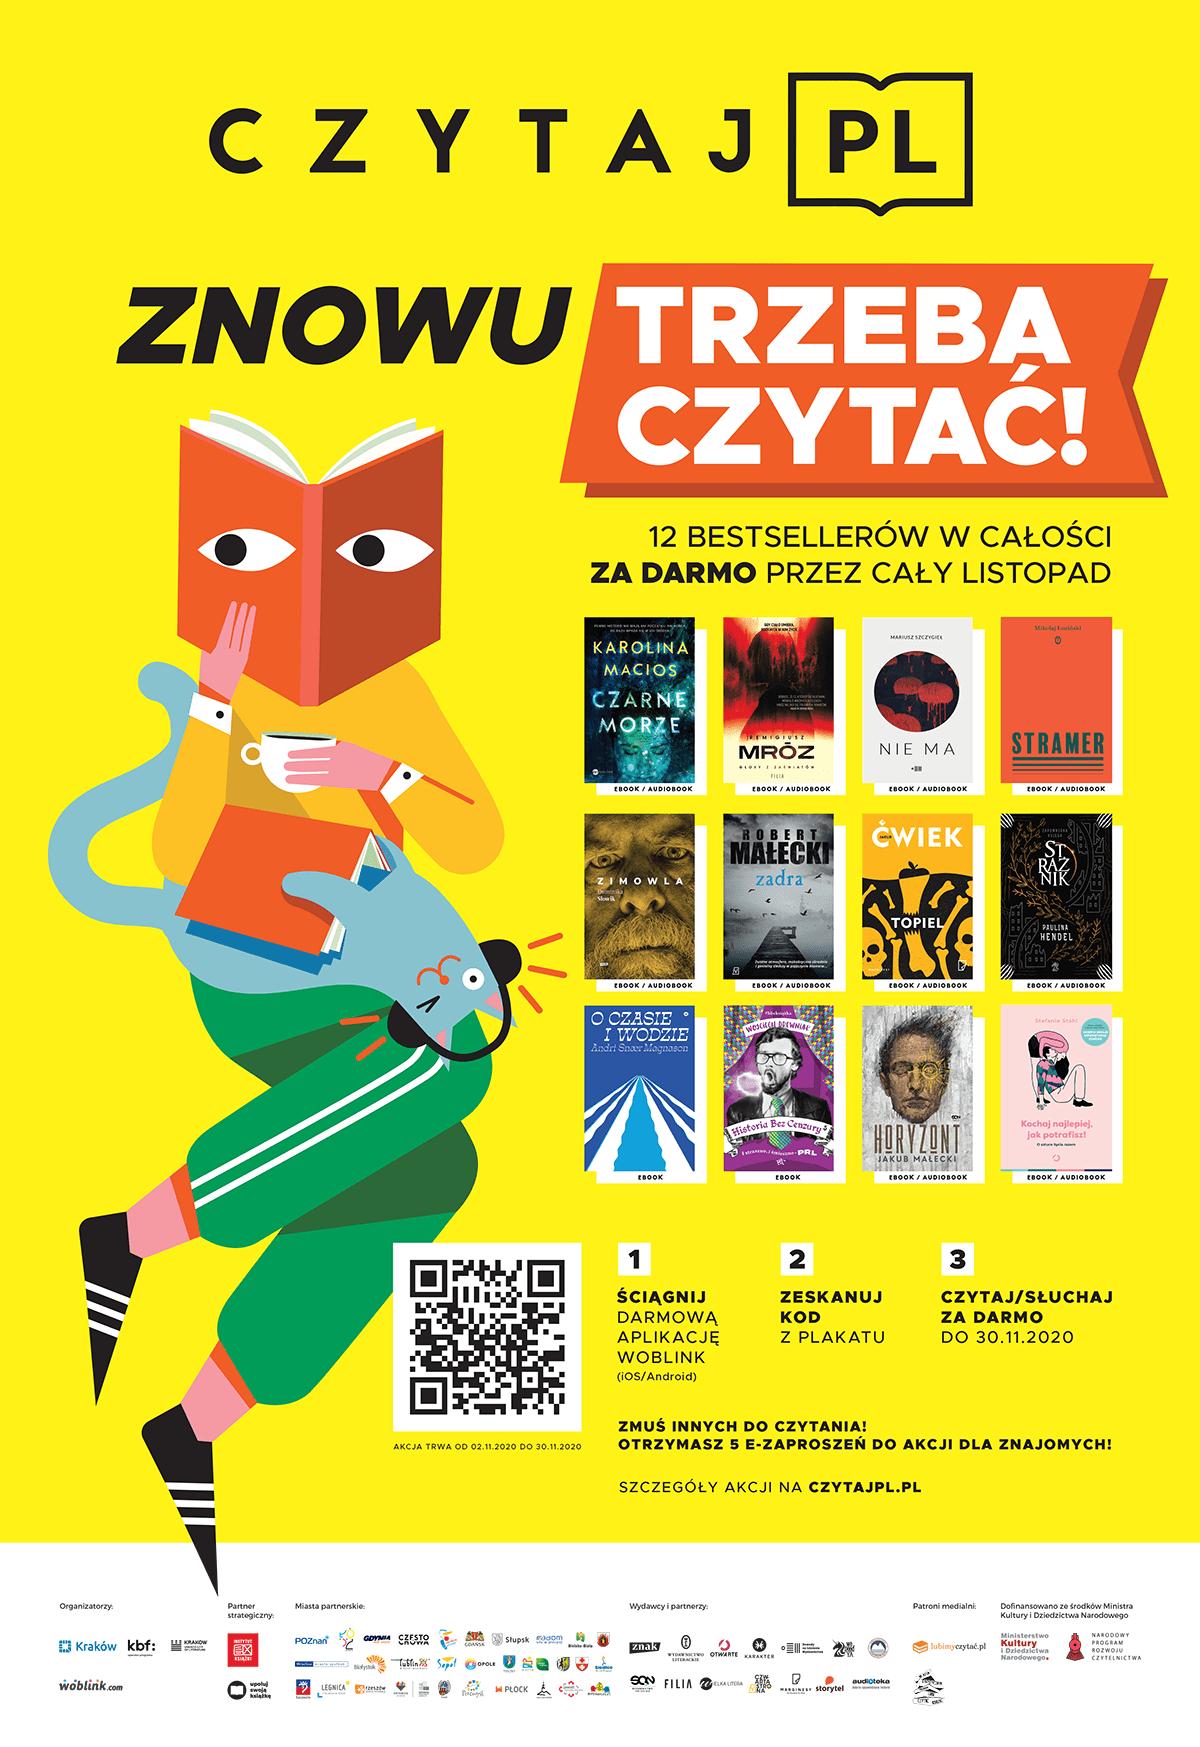 Akcja Czytaj.pl 12 darmowych audiobooków i ebooków